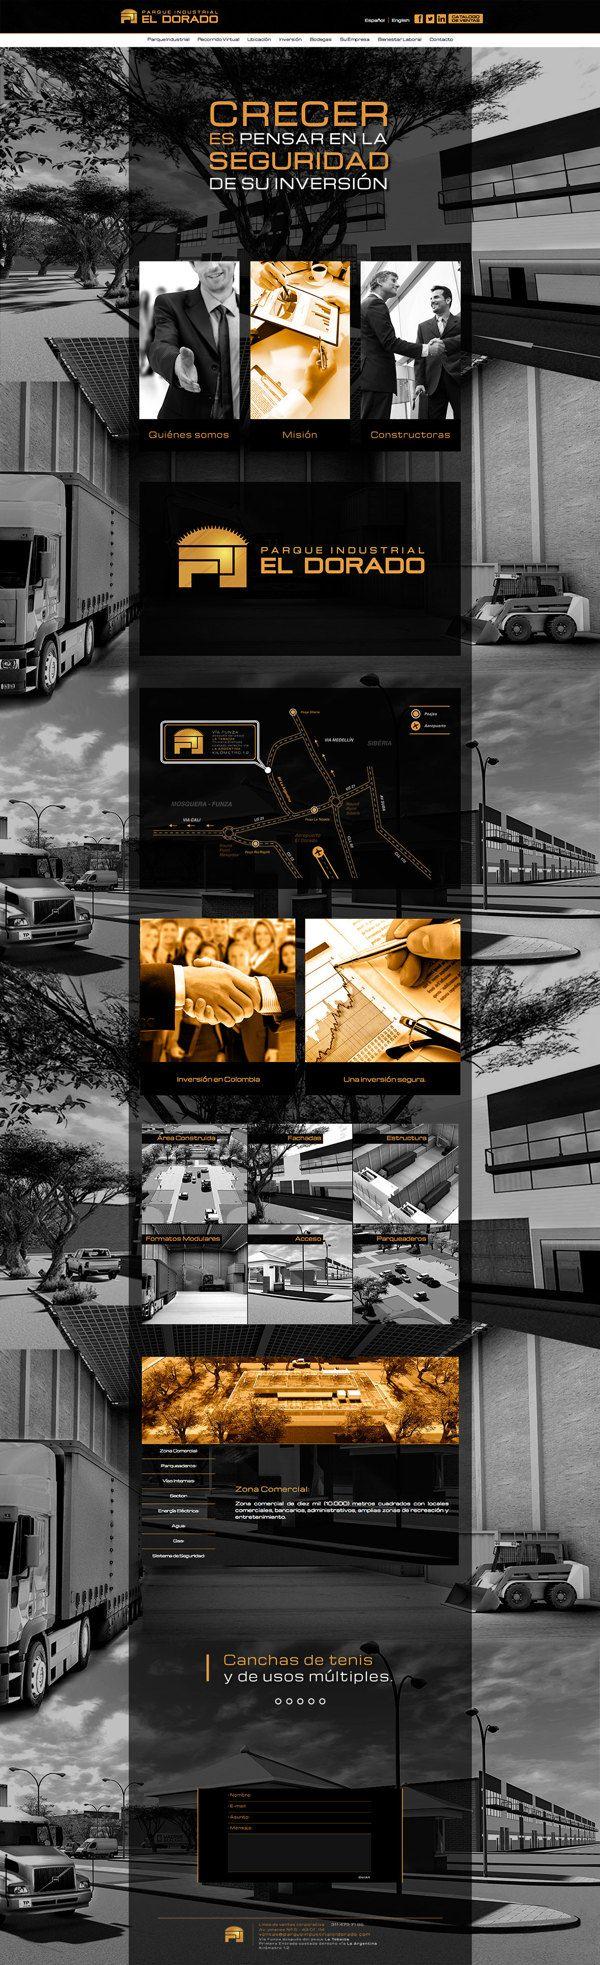 Parque Industrial El Dorado on Behance